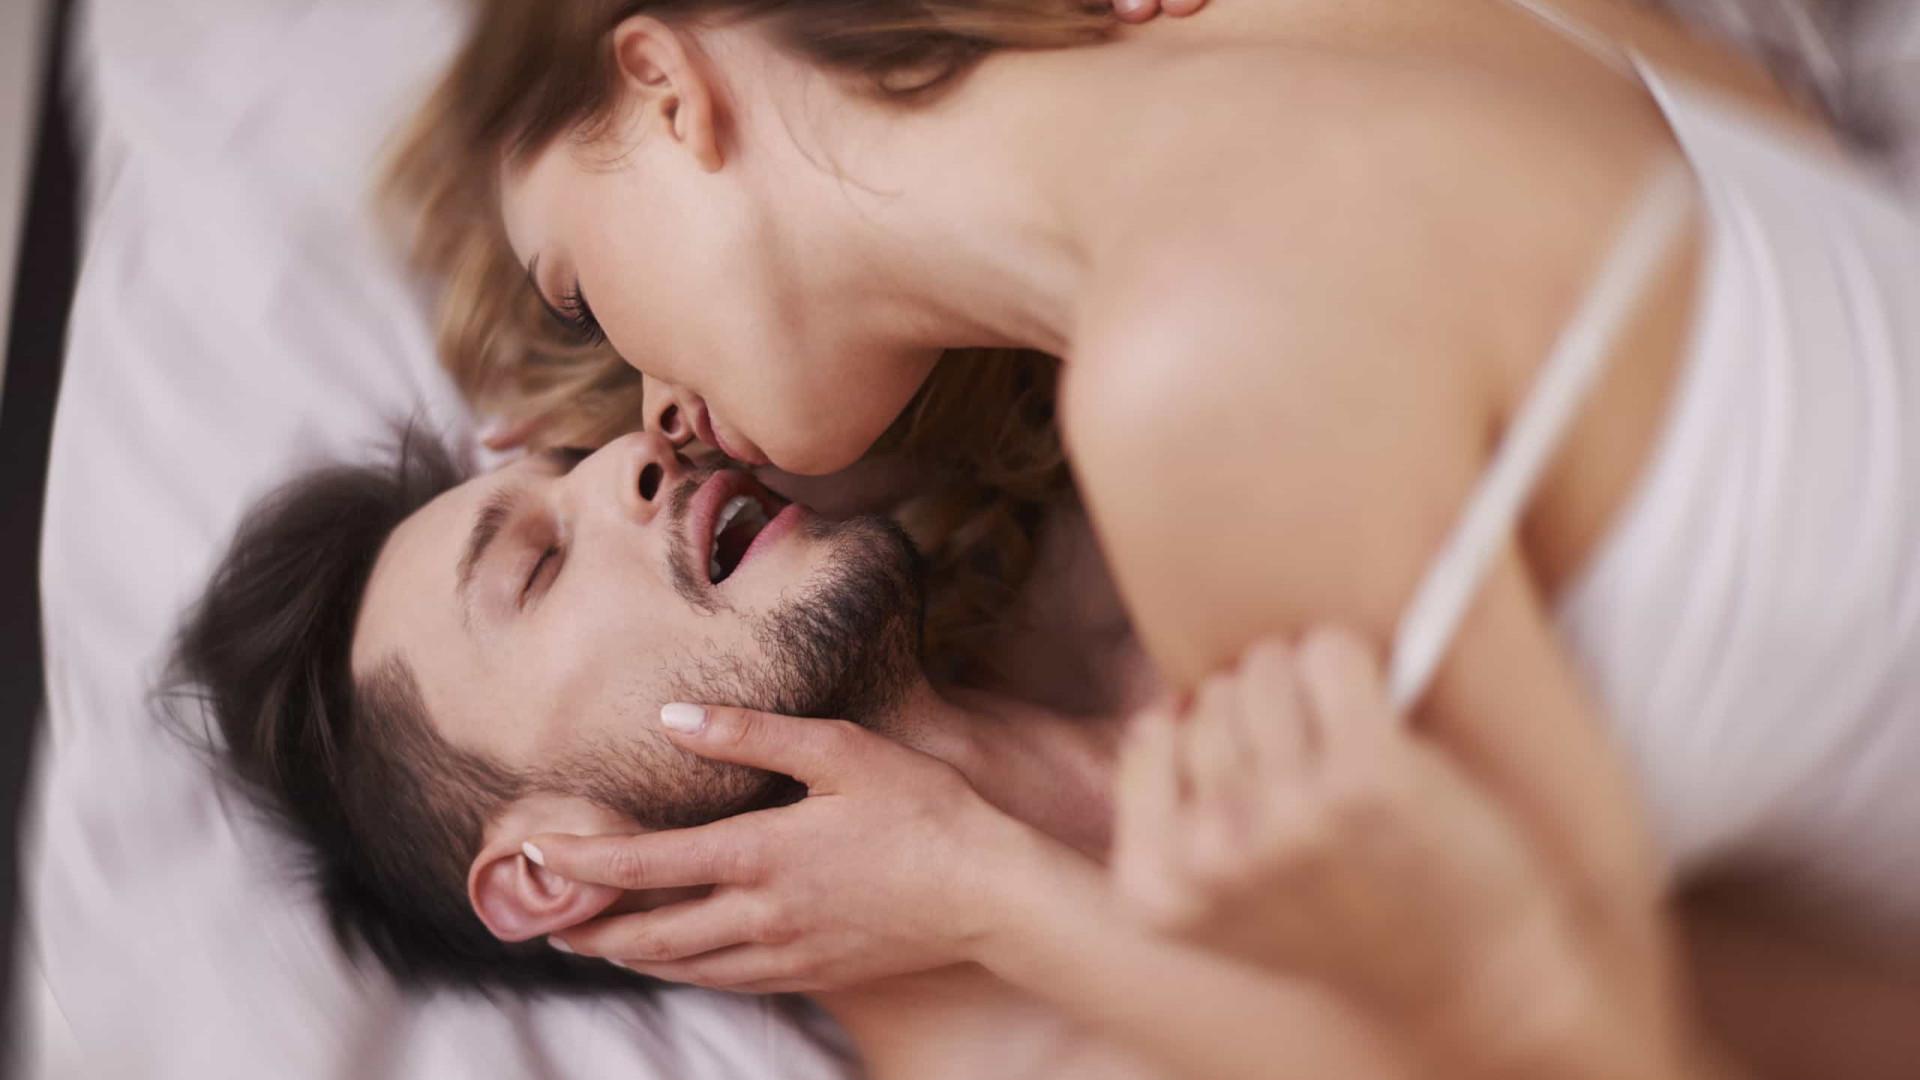 As quatro posições mais orgásmicas para os homens